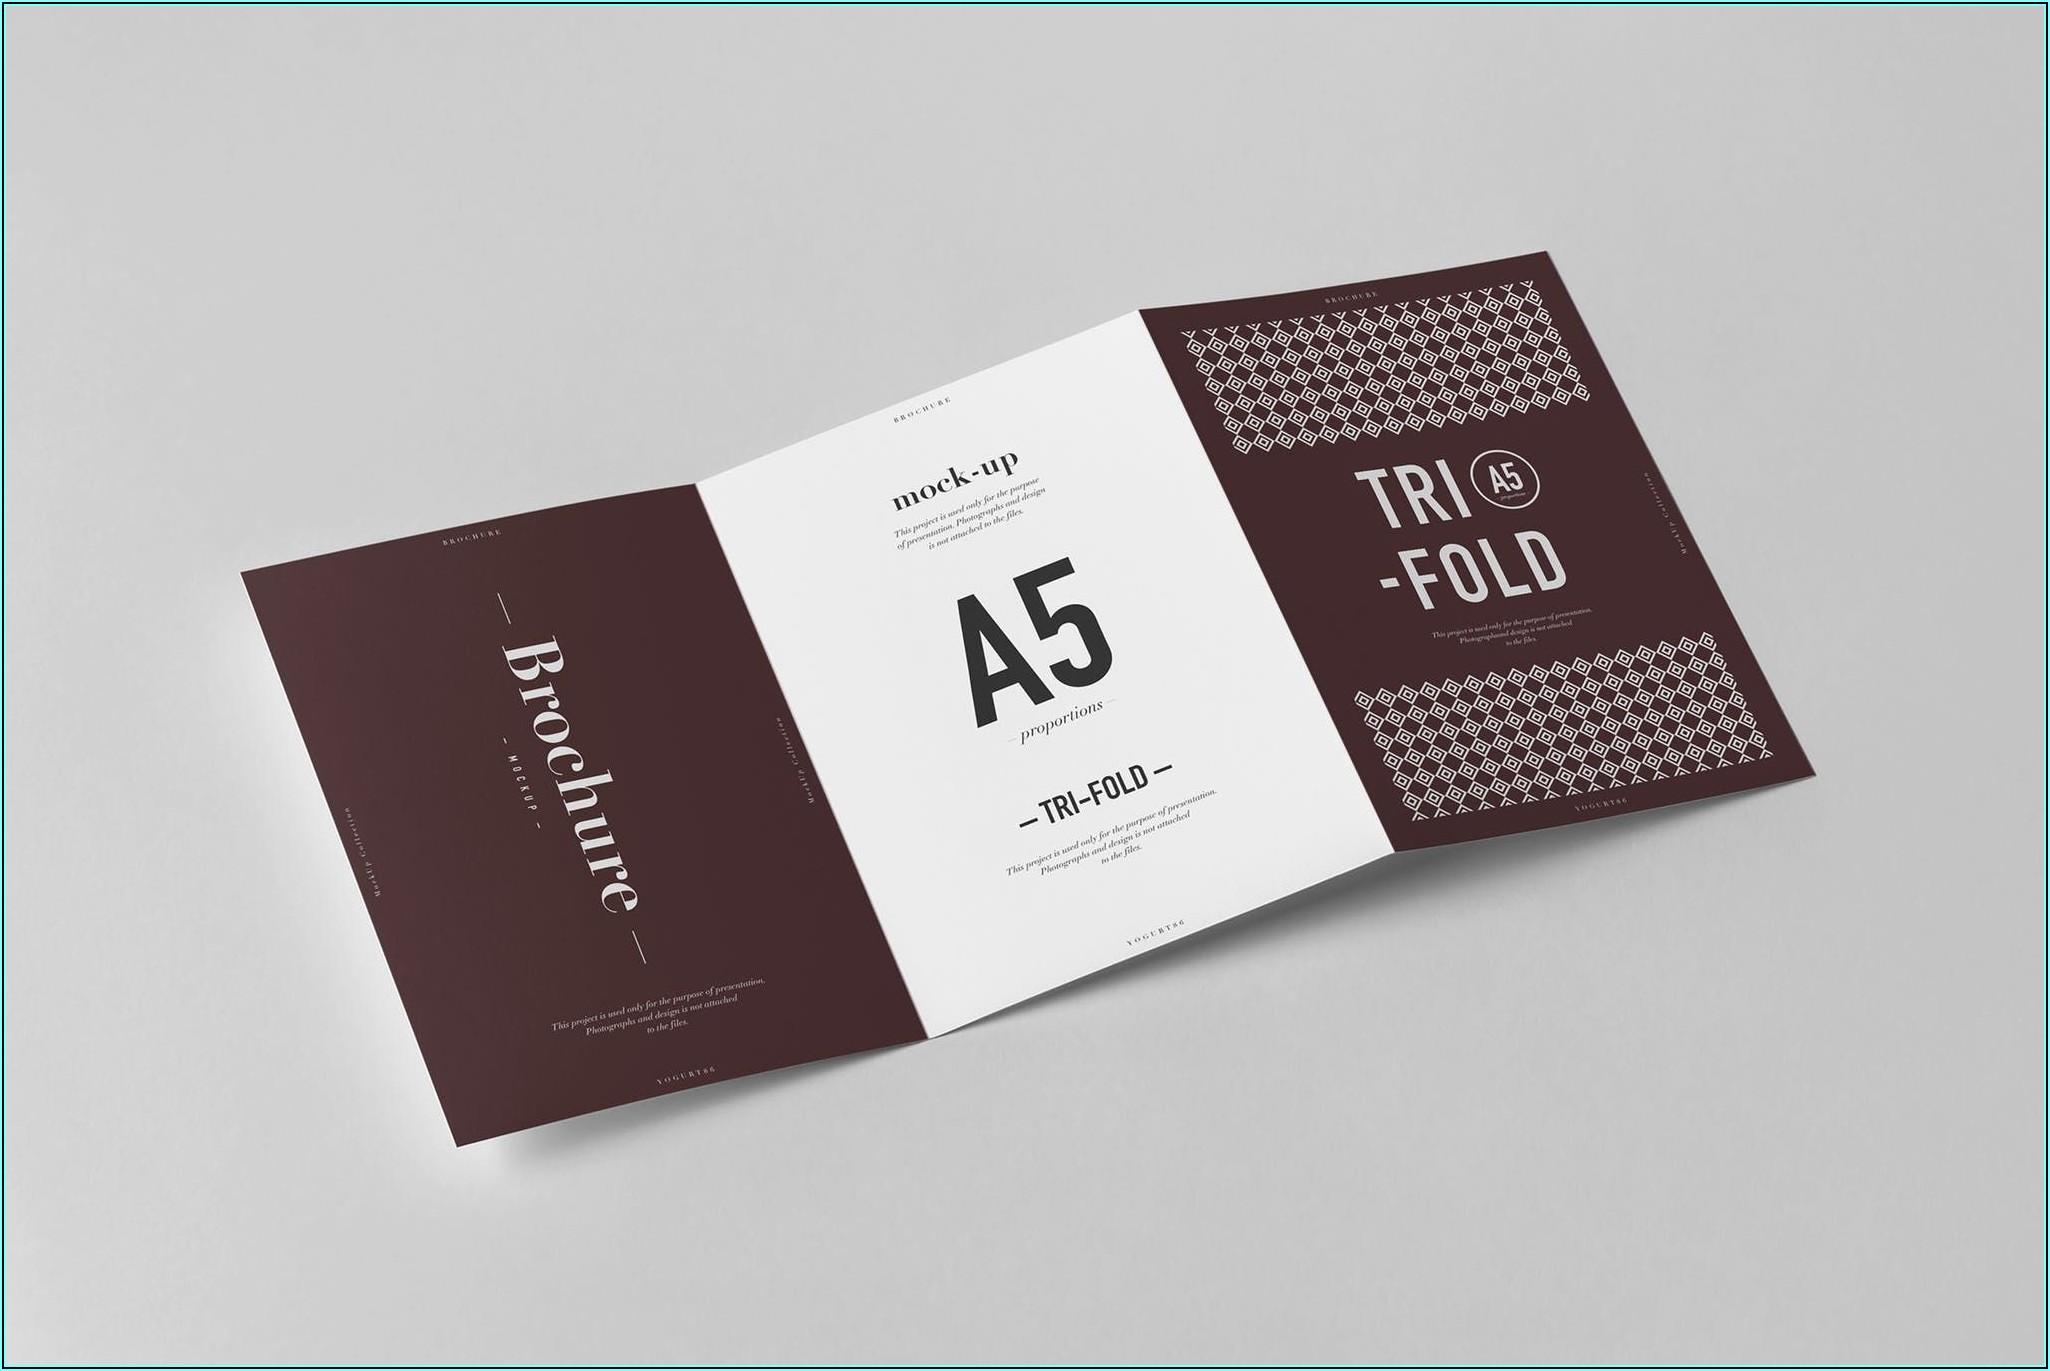 A5 Tri Fold Brochure Mockup Free